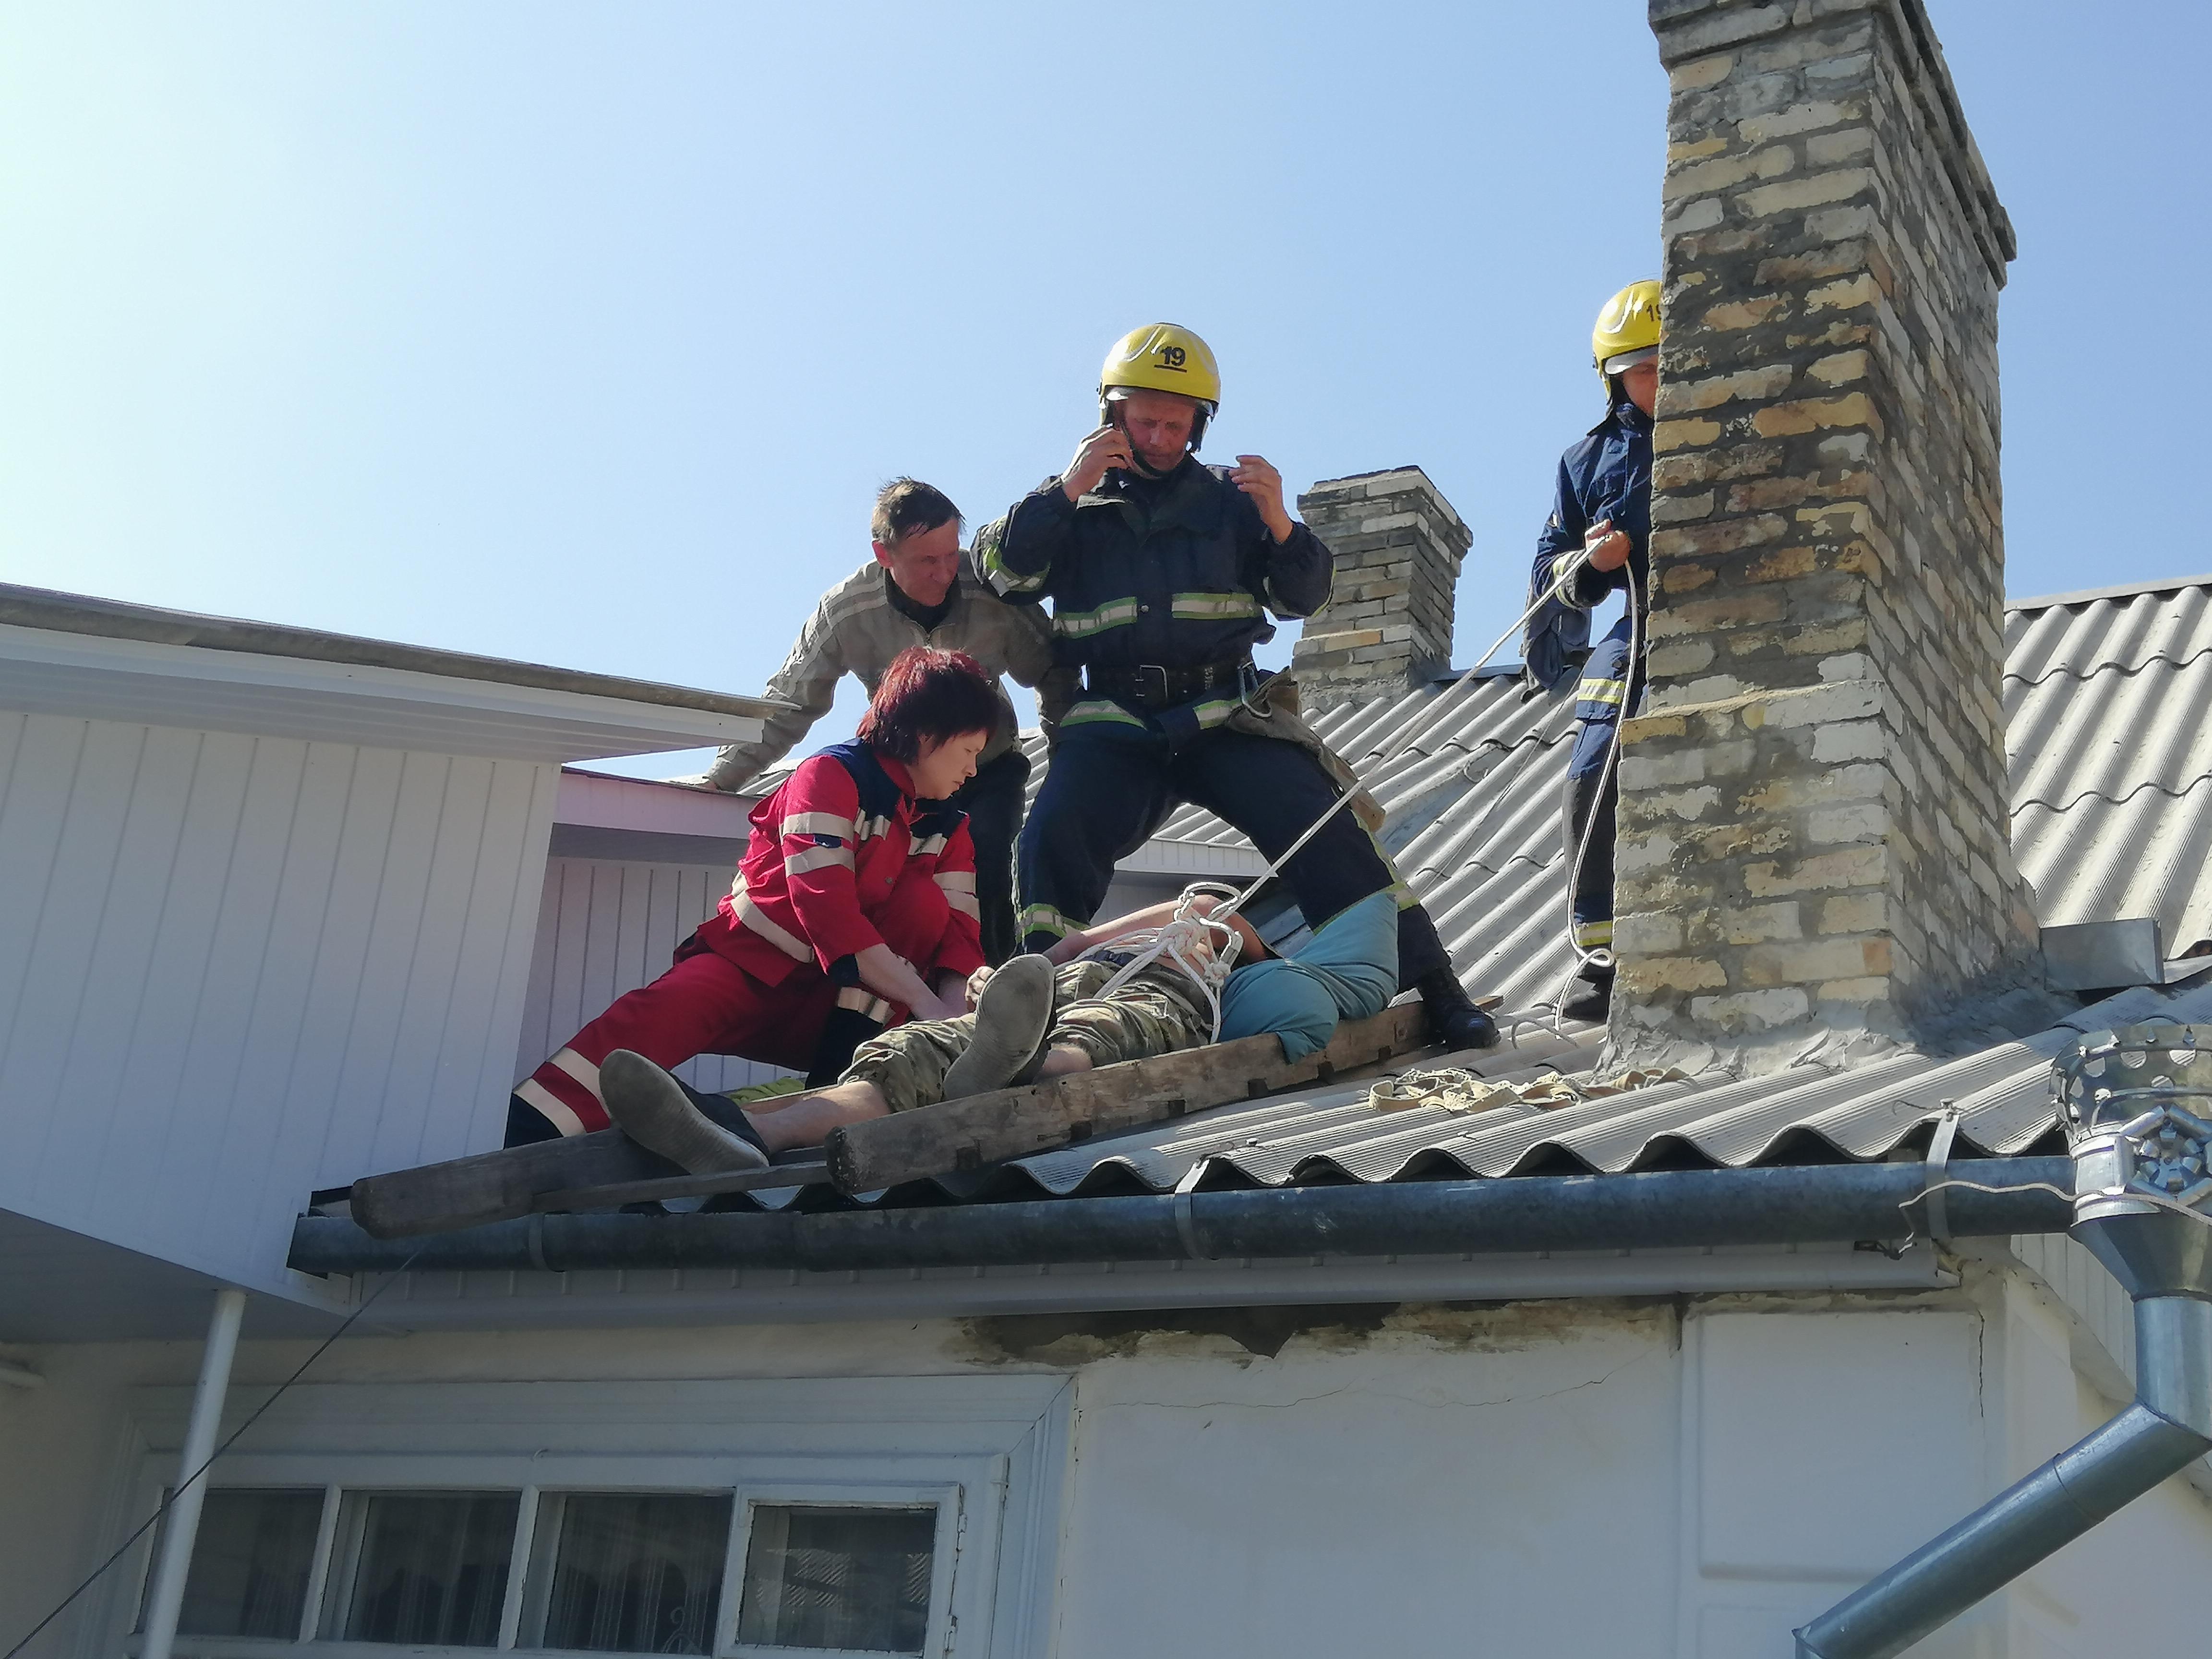 Коcтопільські рятувальники зняли з даху непритомного чоловіка